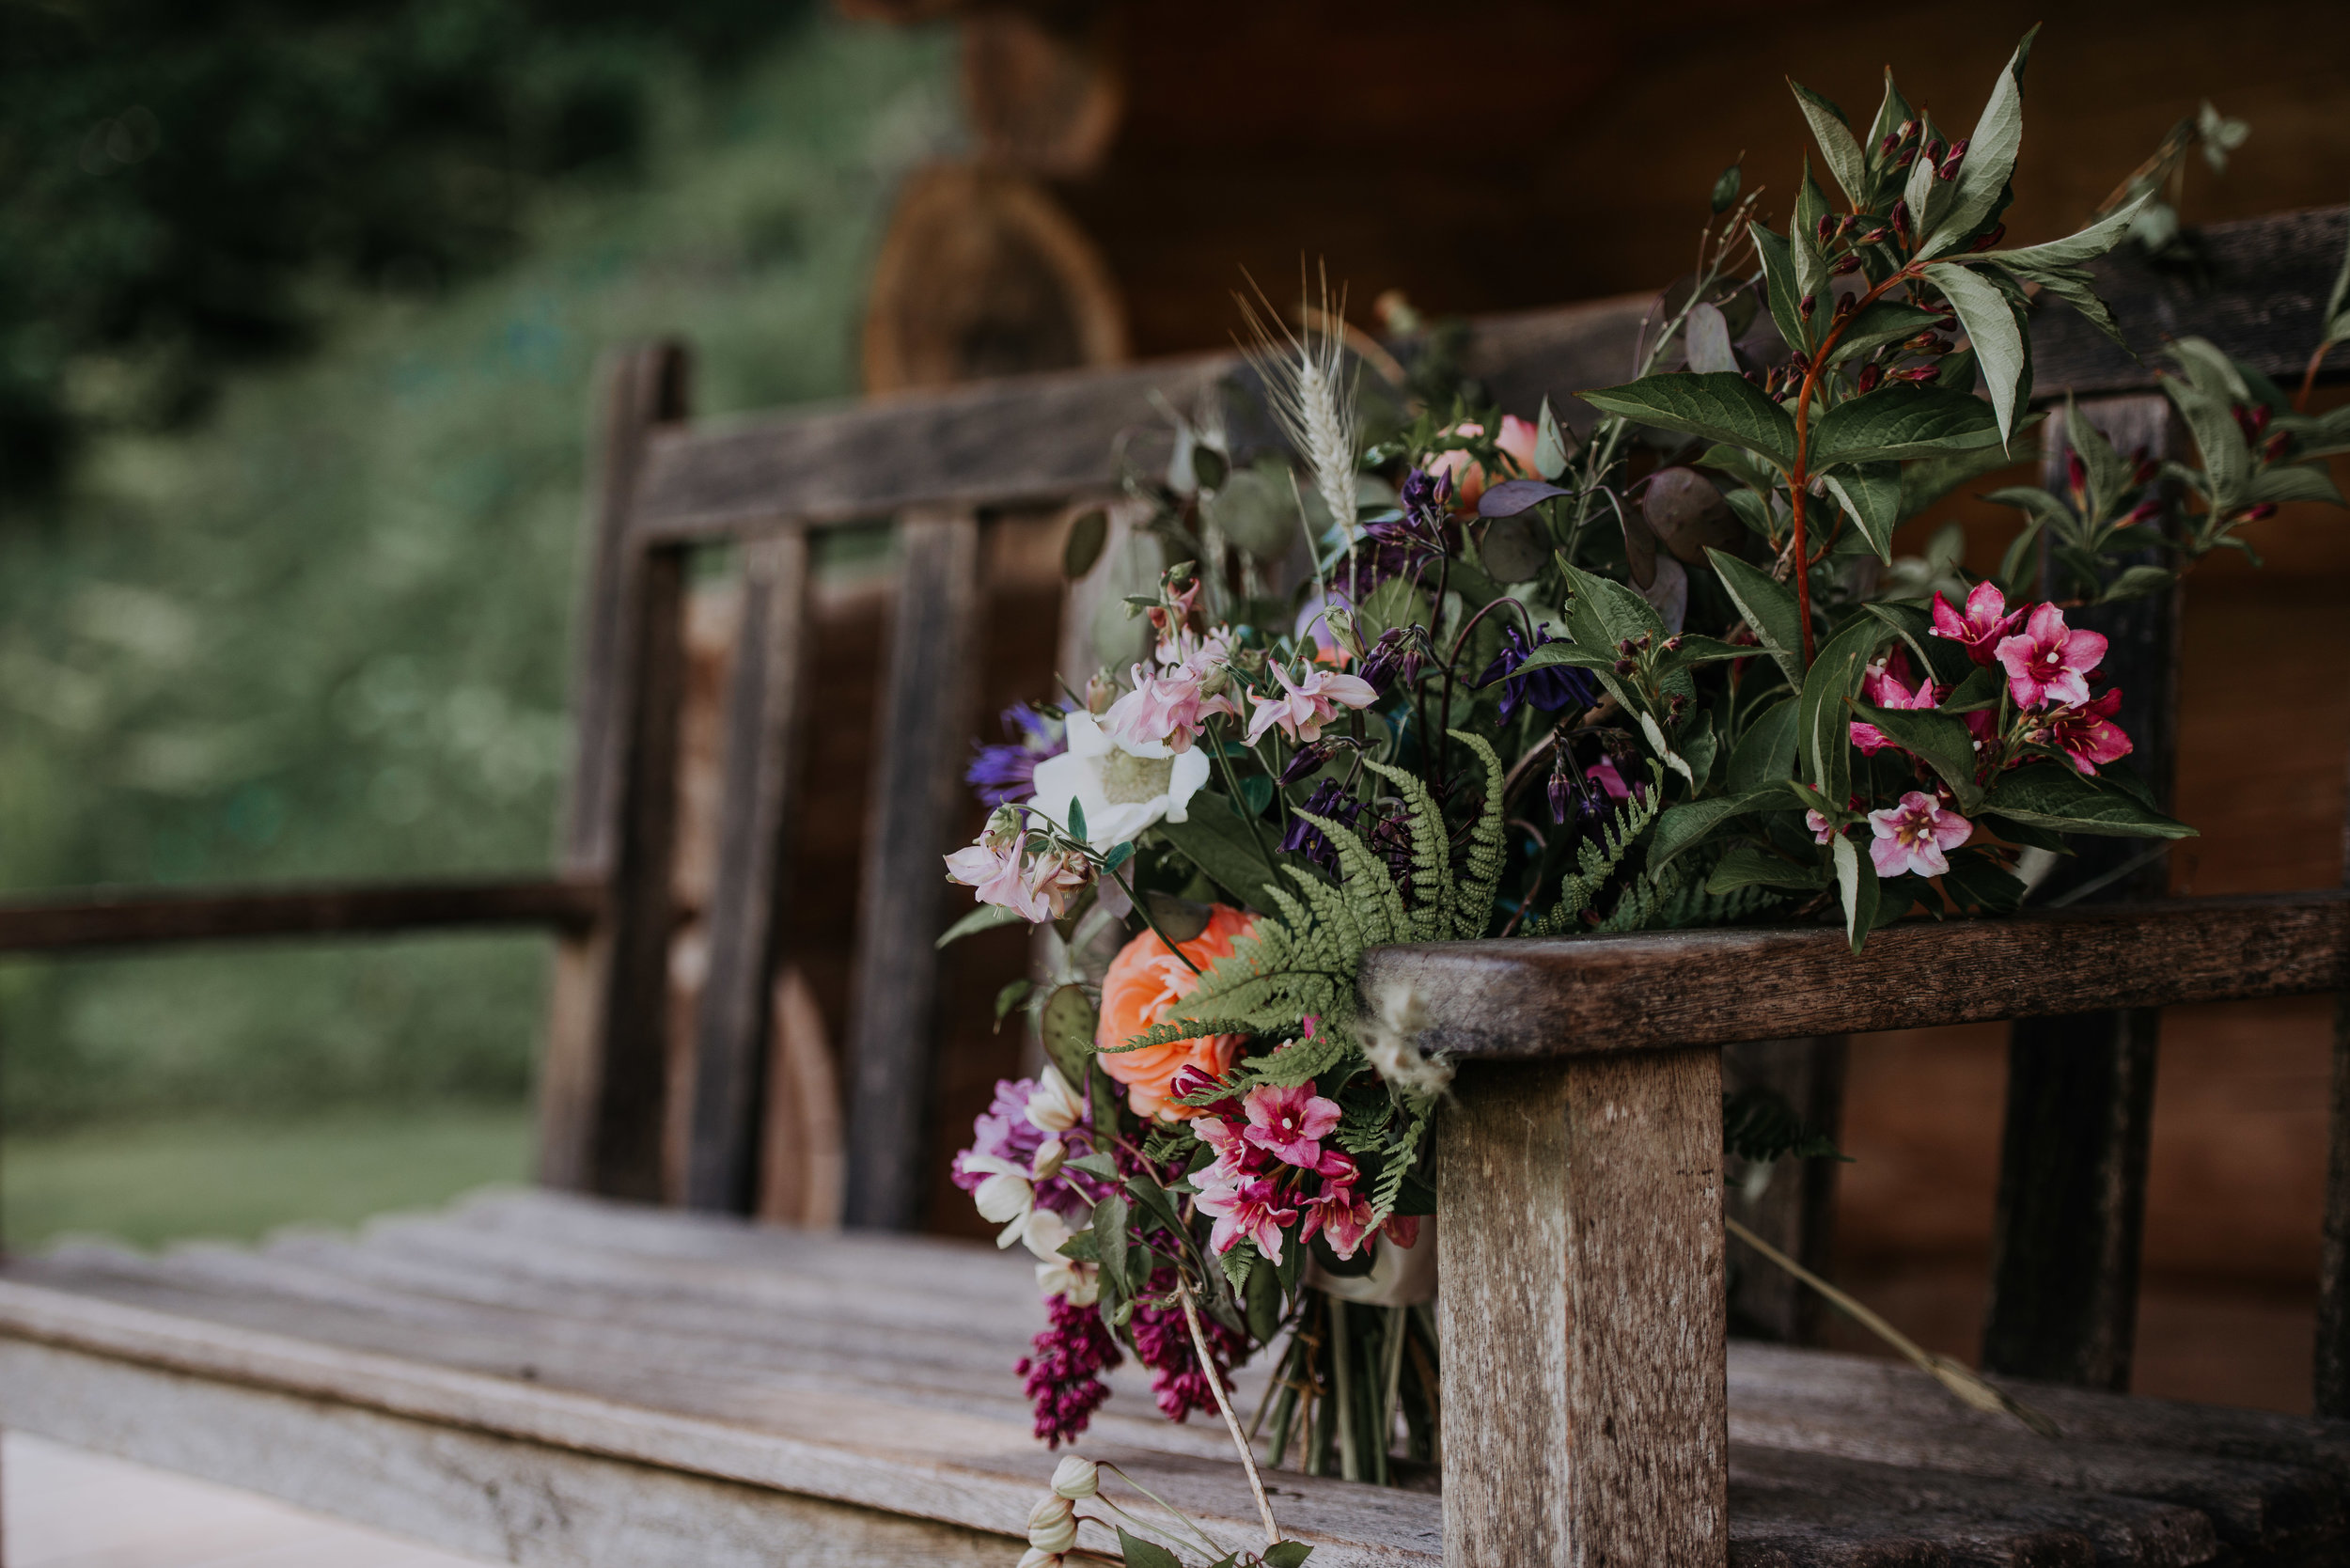 Flowermug floristry